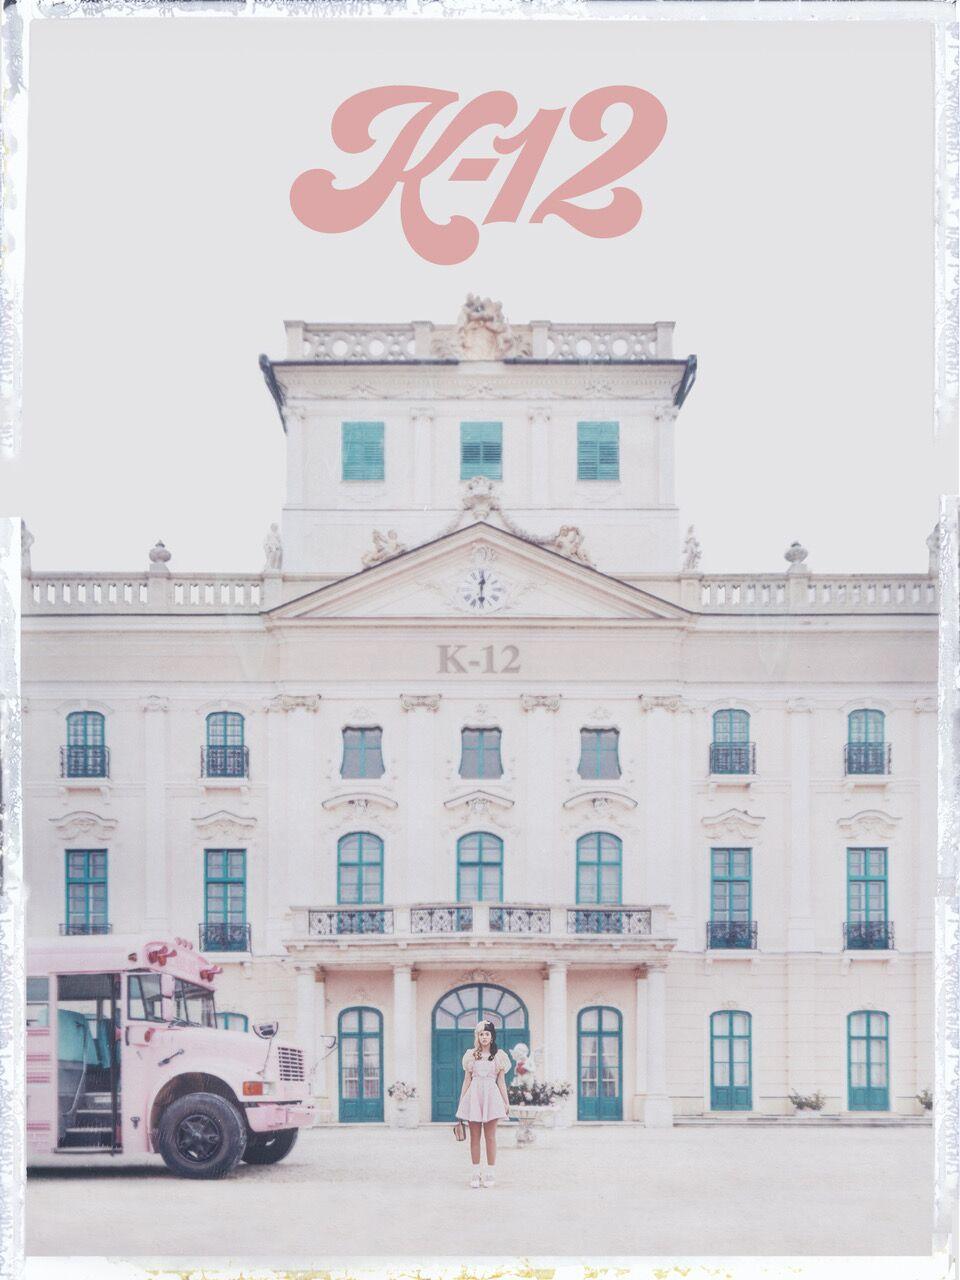 K-12: A film by Melanie Martinez Poster